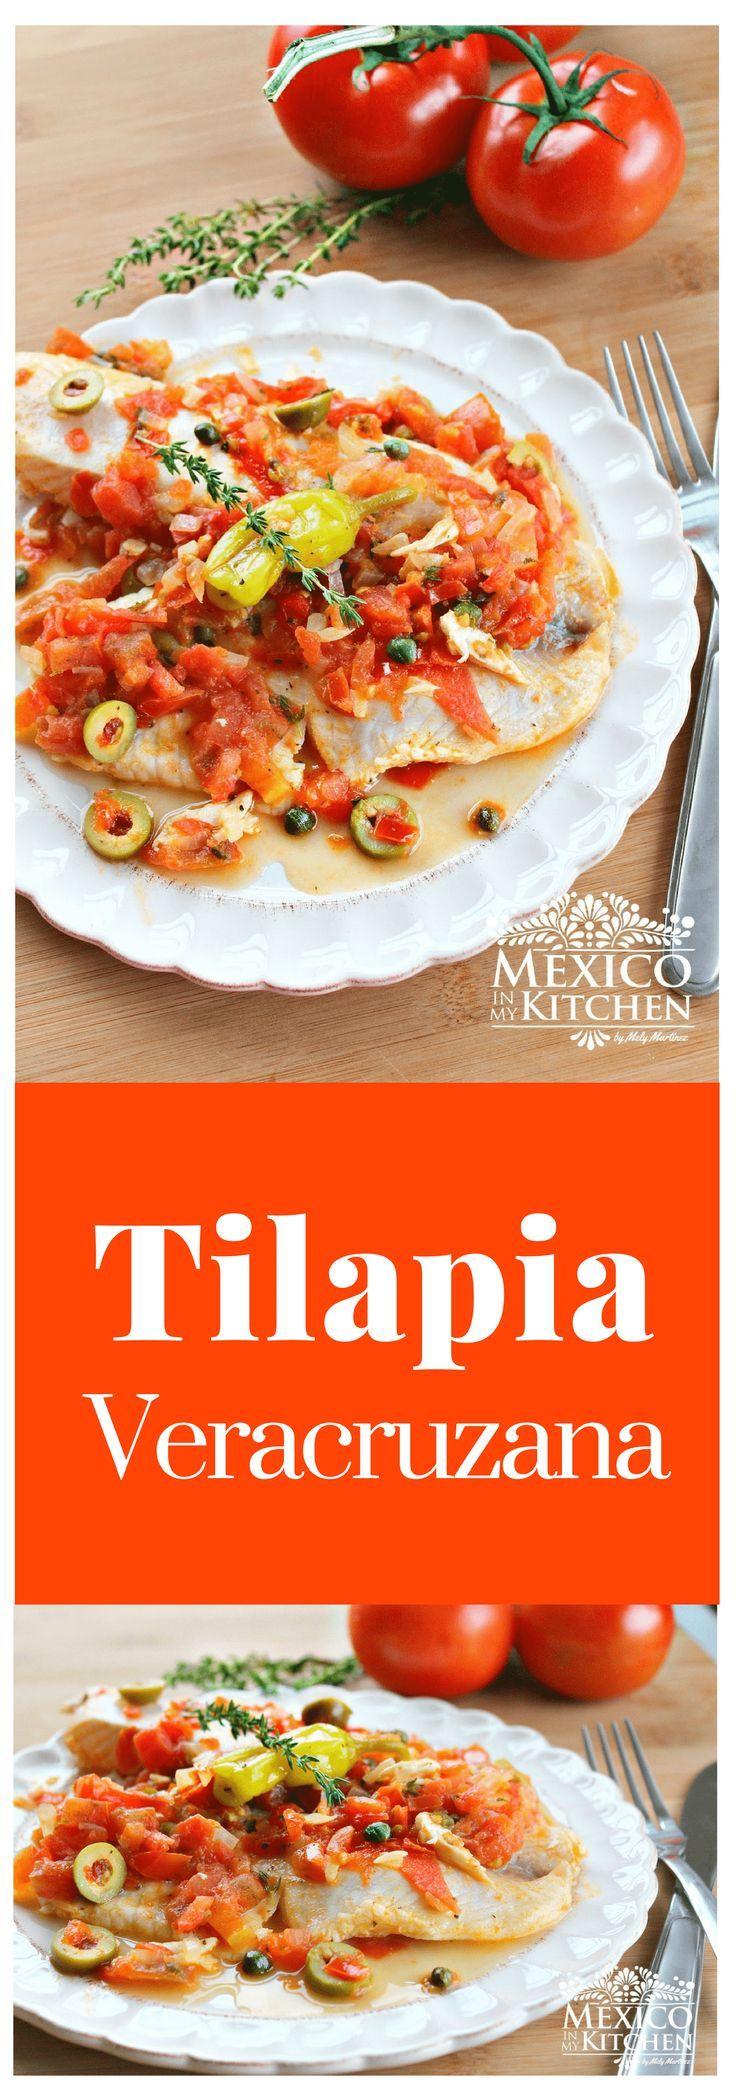 """Esta receta de """"Filete de Tilapia a la Veracruzana"""" es una versión fácil de la receta original de """"Huachinango a la Veracruzana"""", donde el pescado completo se cocina en la salsa. #receta #saboresdemexico #tilapia #cocina"""